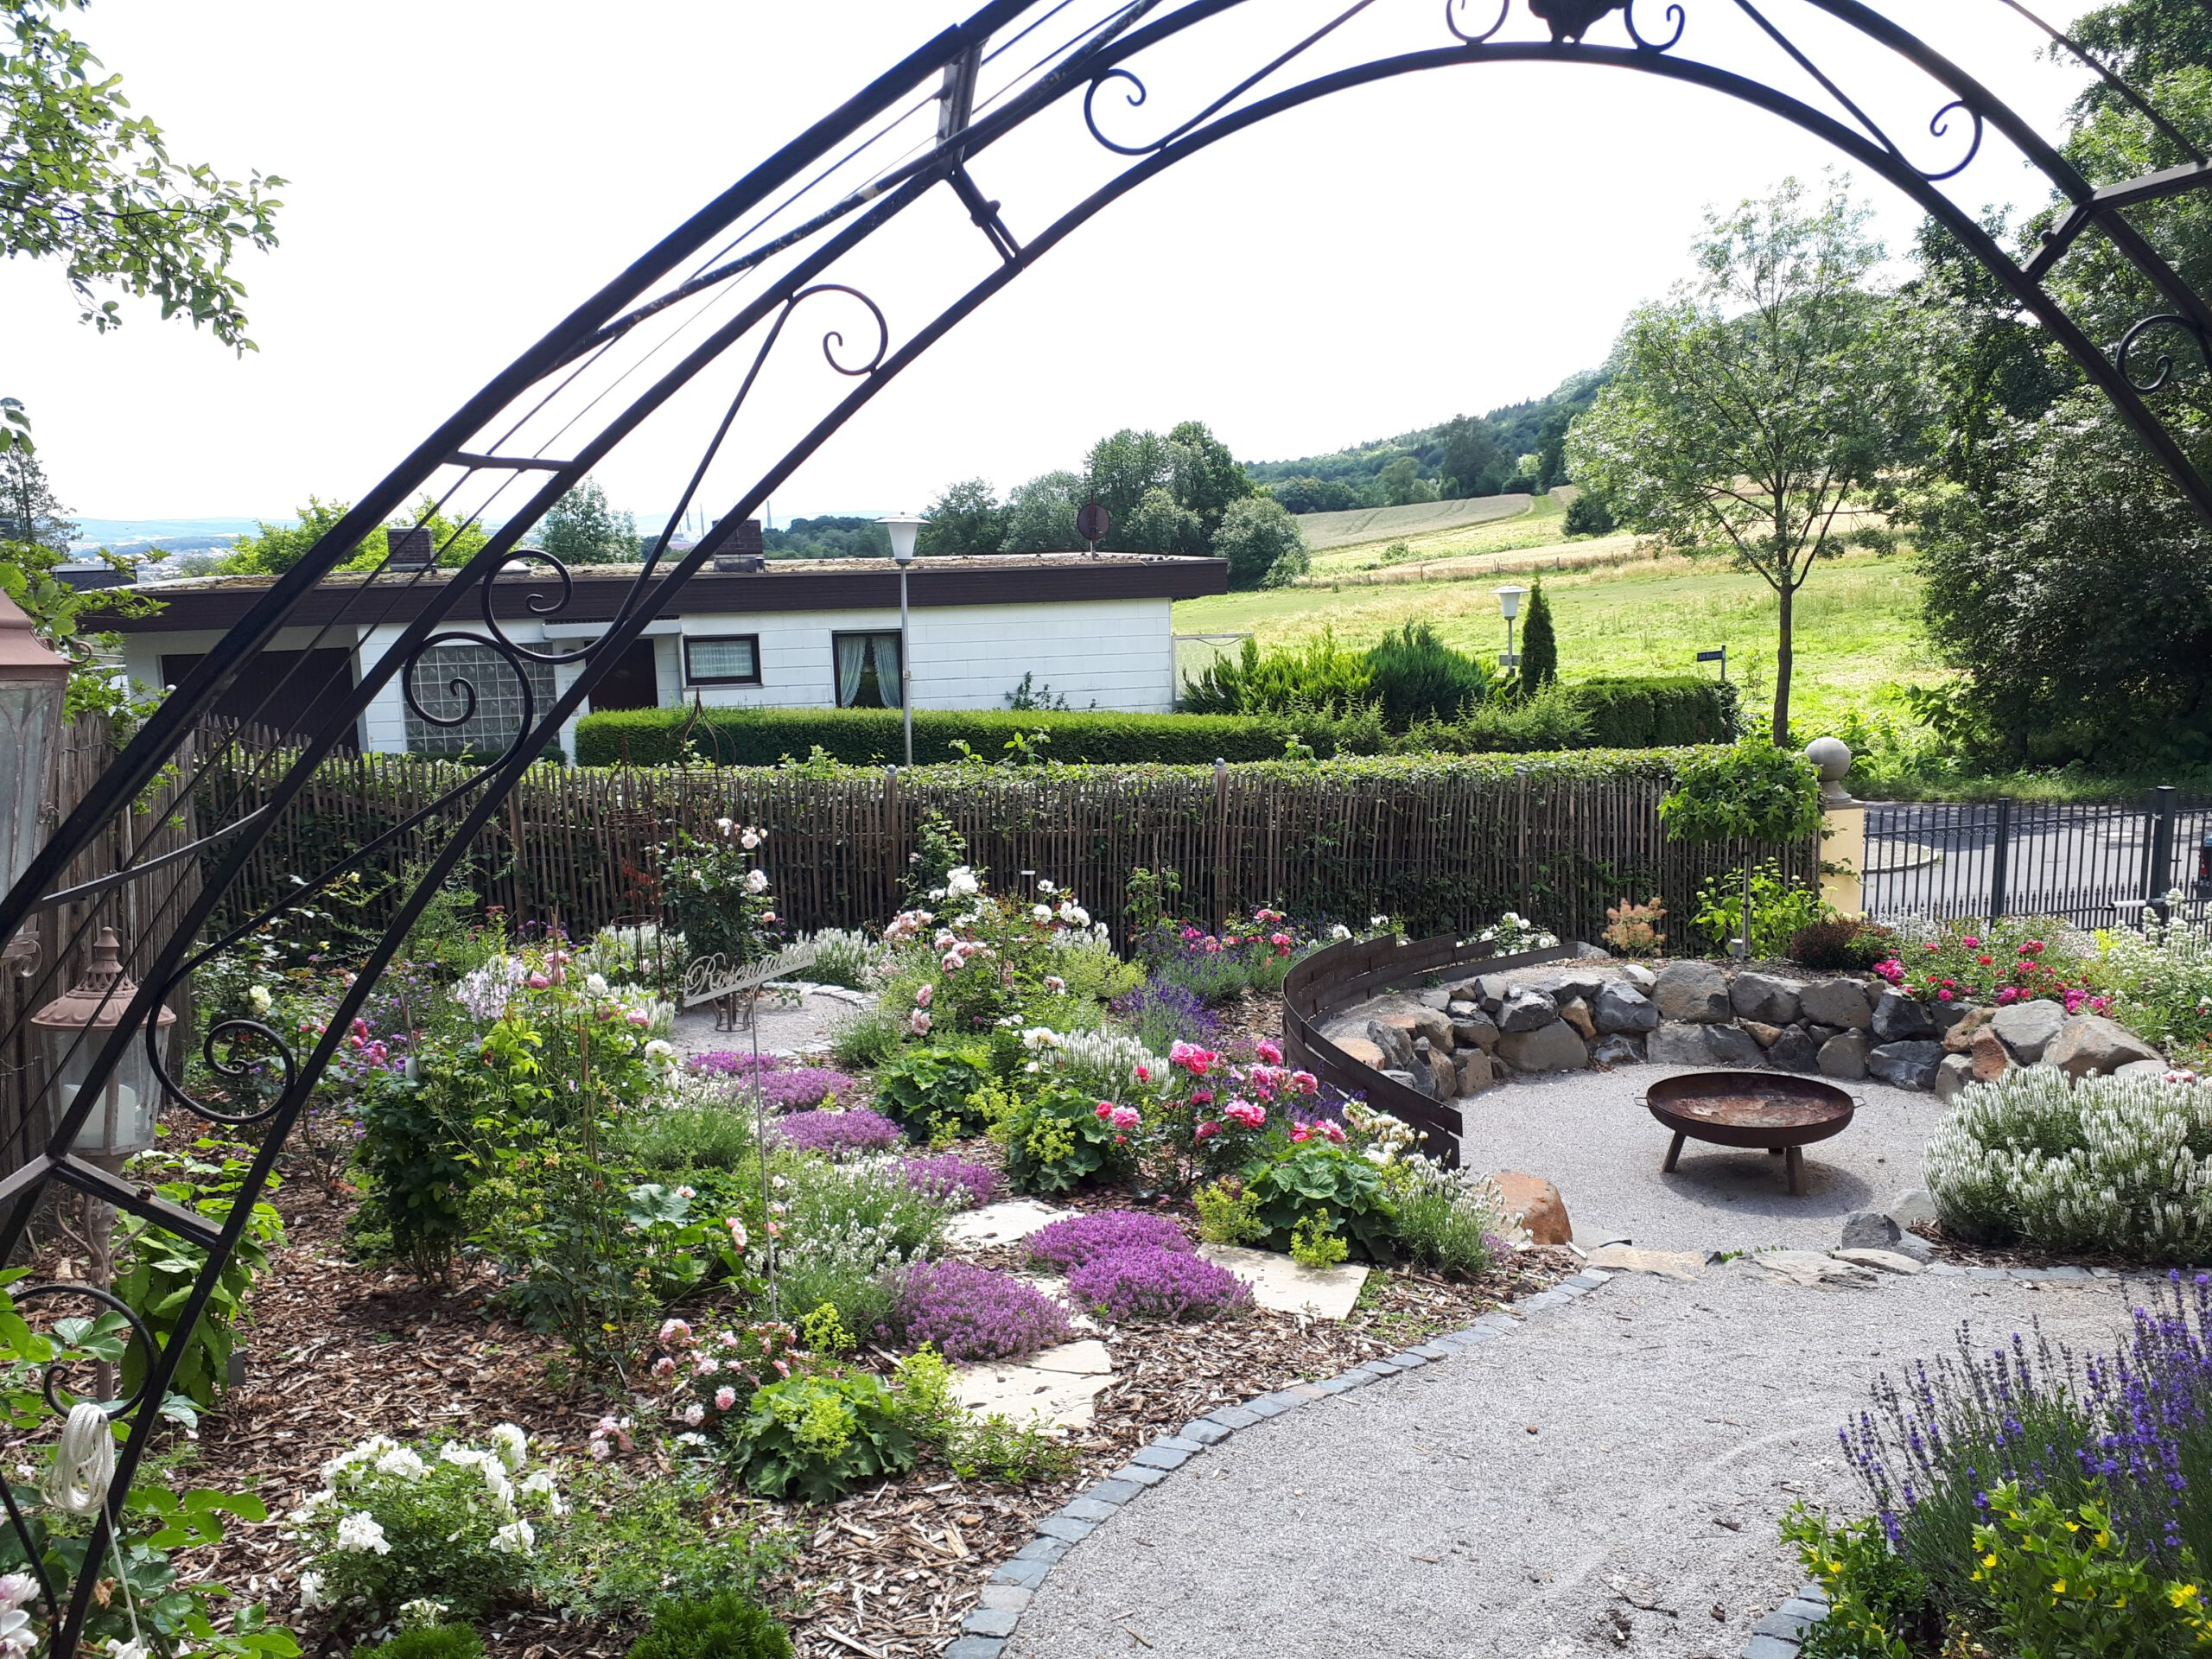 Der Romantikgarten wurde geplant und im Sommer 2019 angelegt. Hier sind der Blick in den Rosengarten sowie Senkgarten mit Feuerschale zu sehen.